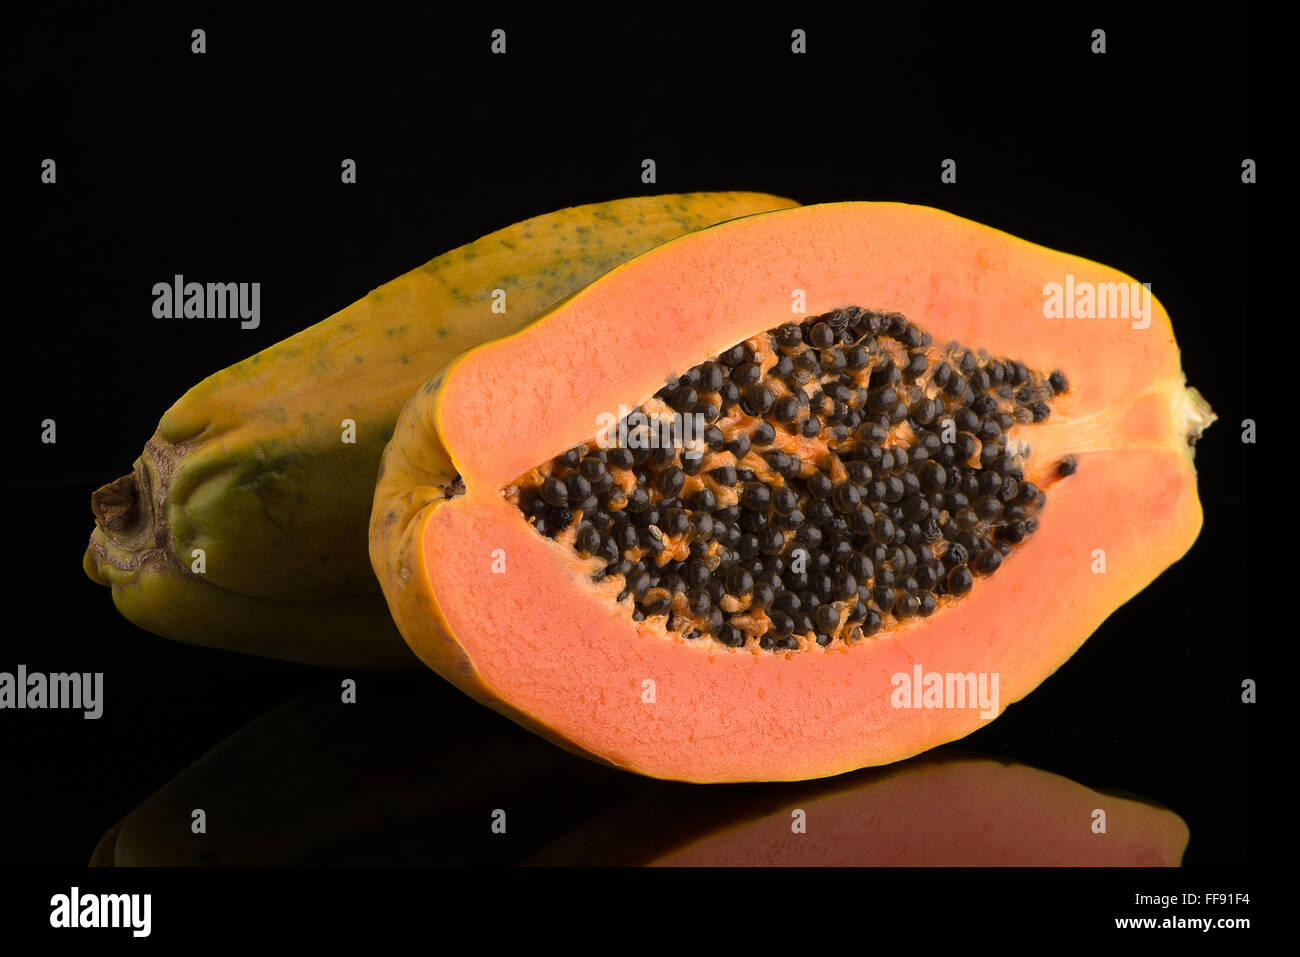 Fresh and tasty papaya on black background. - Stock Image